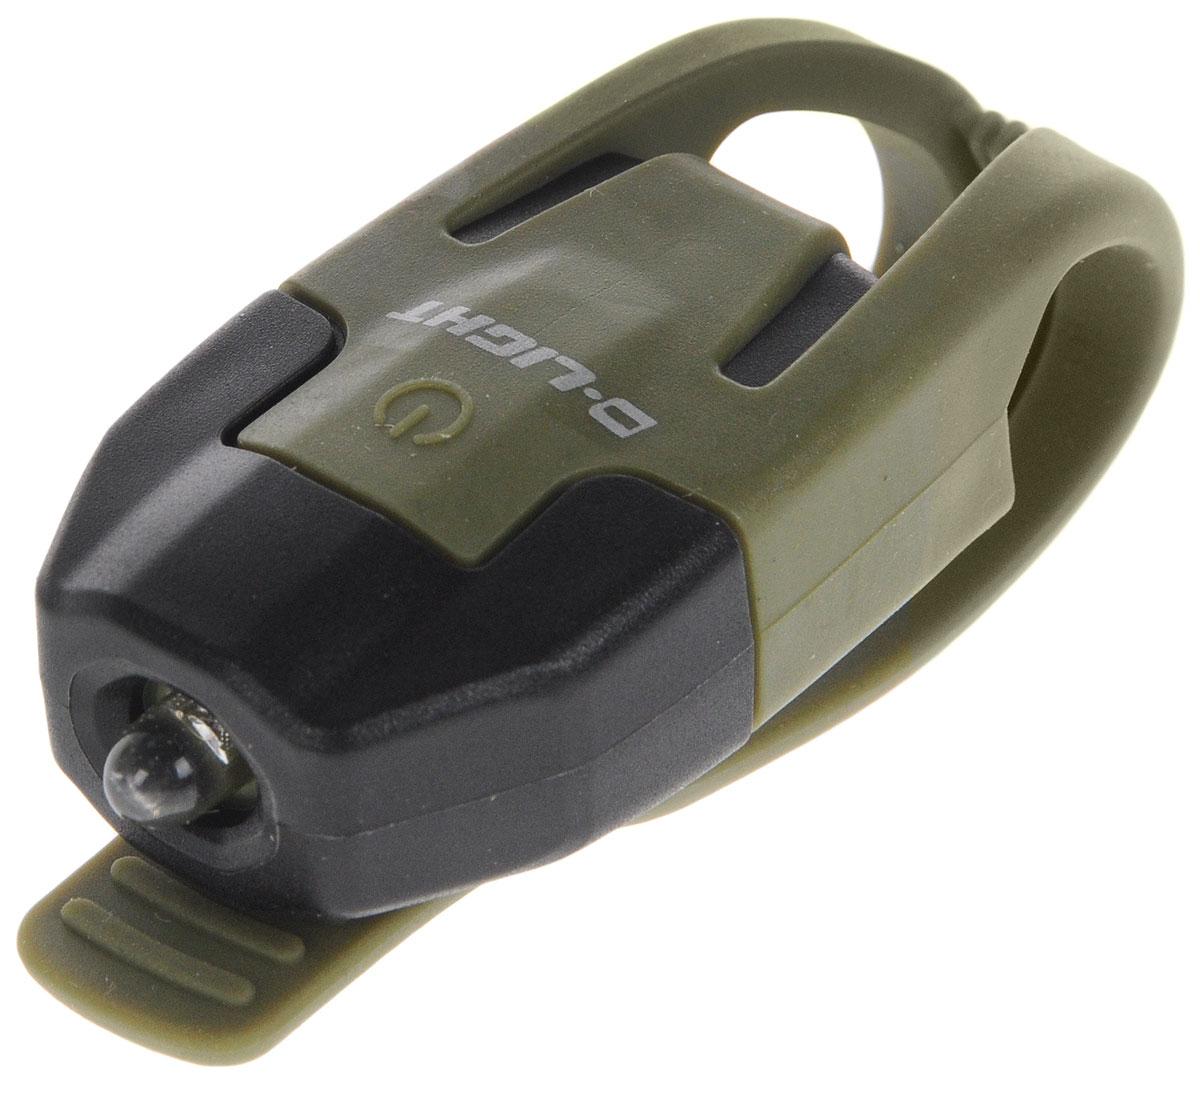 Фонарь велосипедный D-Light CG-210W, габаритный, передний, цвет: хаки, черныйCG-210W-BK+GNЗадний габаритный велофонарь с рассеянным светом D-Light CG-210W предназначен для обеспечения большей безопасности при поездках в темное время суток. Он легко крепится и снимается без дополнительных инструментов на основу диаметром 18-32 мм. Корпус изделия выполнен из прочного пластика. Фонарь имеет 2 режима: мигание и постоянное свечение. Изделие водонепроницаемо. Фонарь питается от 1 батареи типа CR2032 (входит в комплект). Время свечения: 70 ч. Время мигания: 40 ч. Размер фонаря (без учета крепления): 4 х 2,5 х 1,3 см.